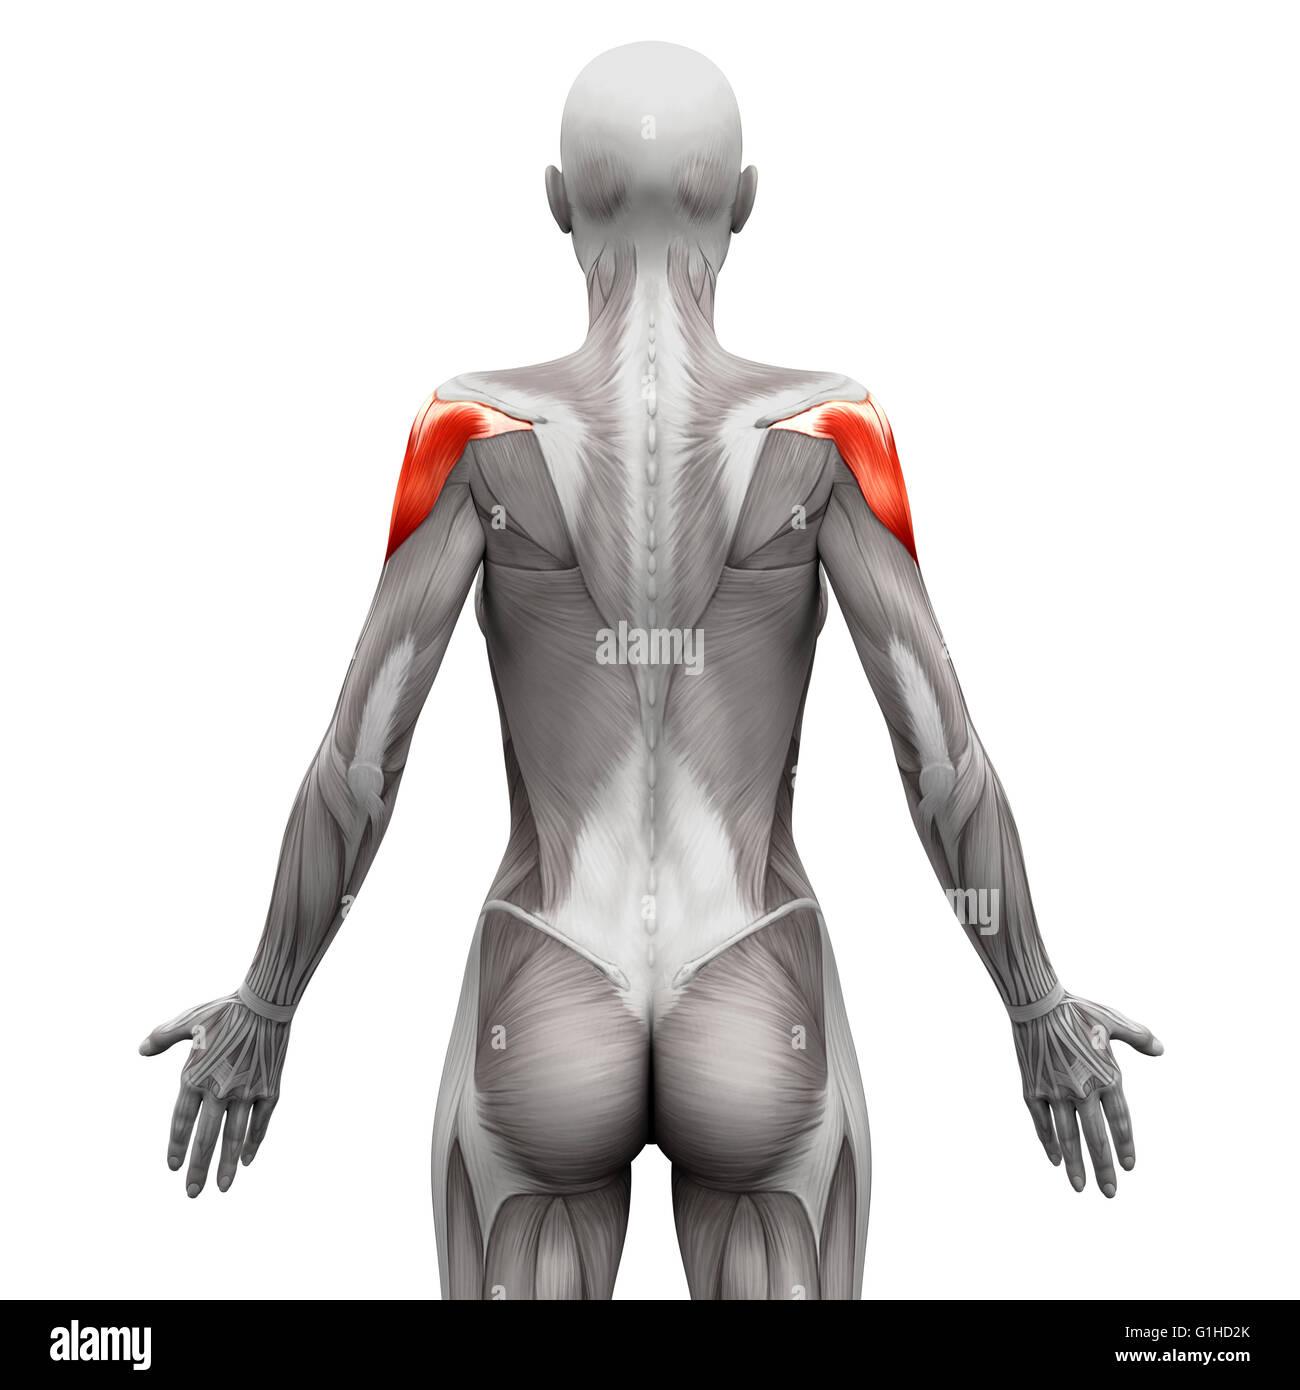 Musculus deltoideus - isoliert Anatomie Muskeln auf weiss - 3D ...